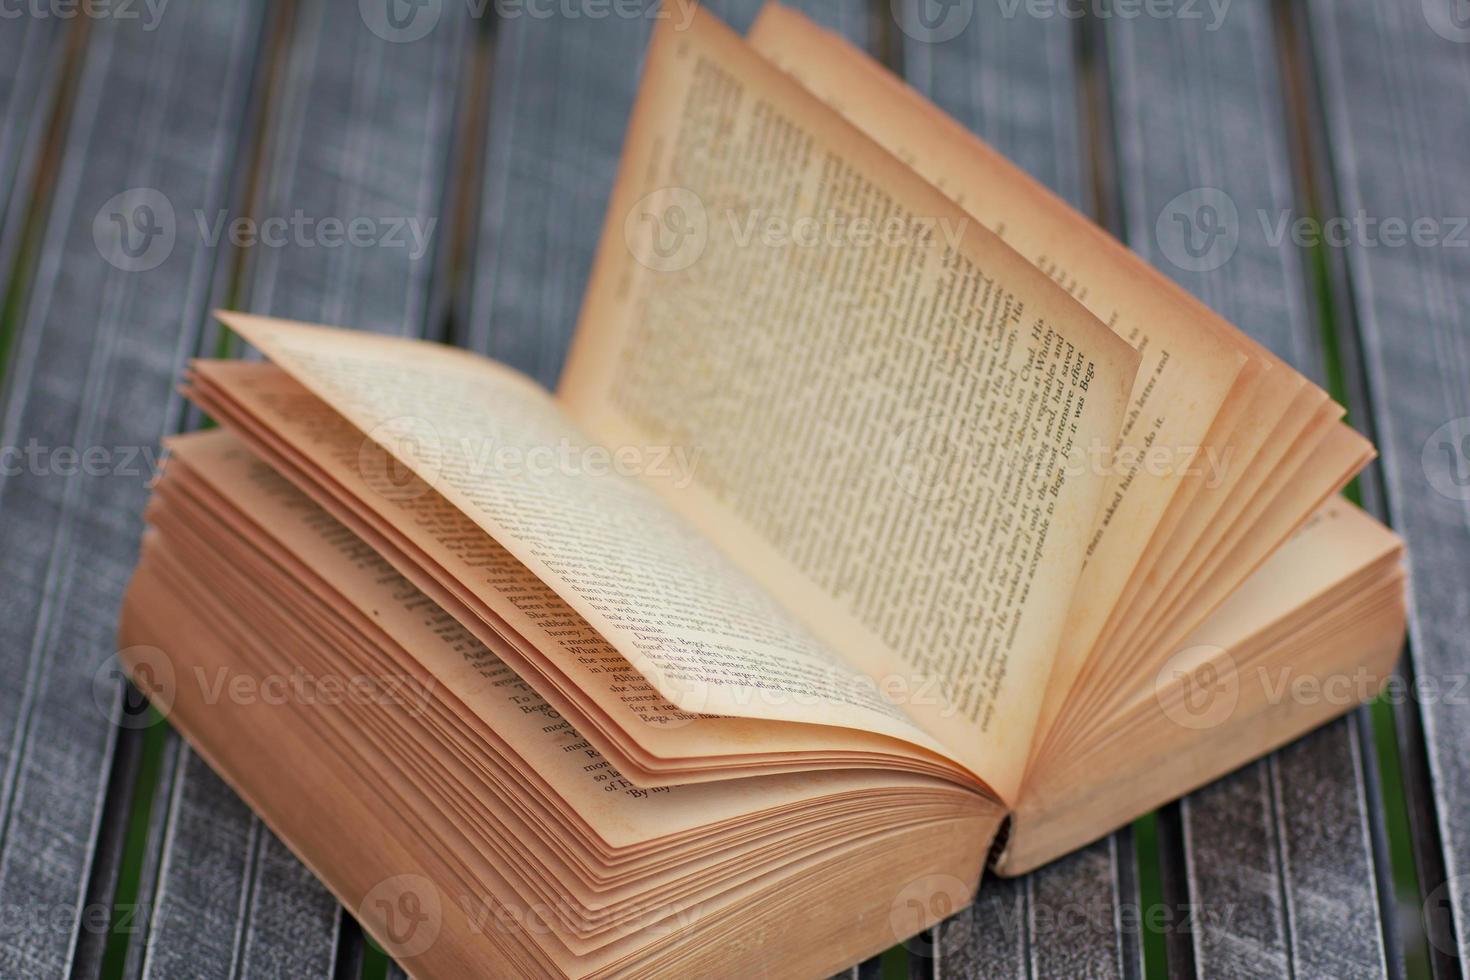 Stockfoto - Boeken op tafel foto